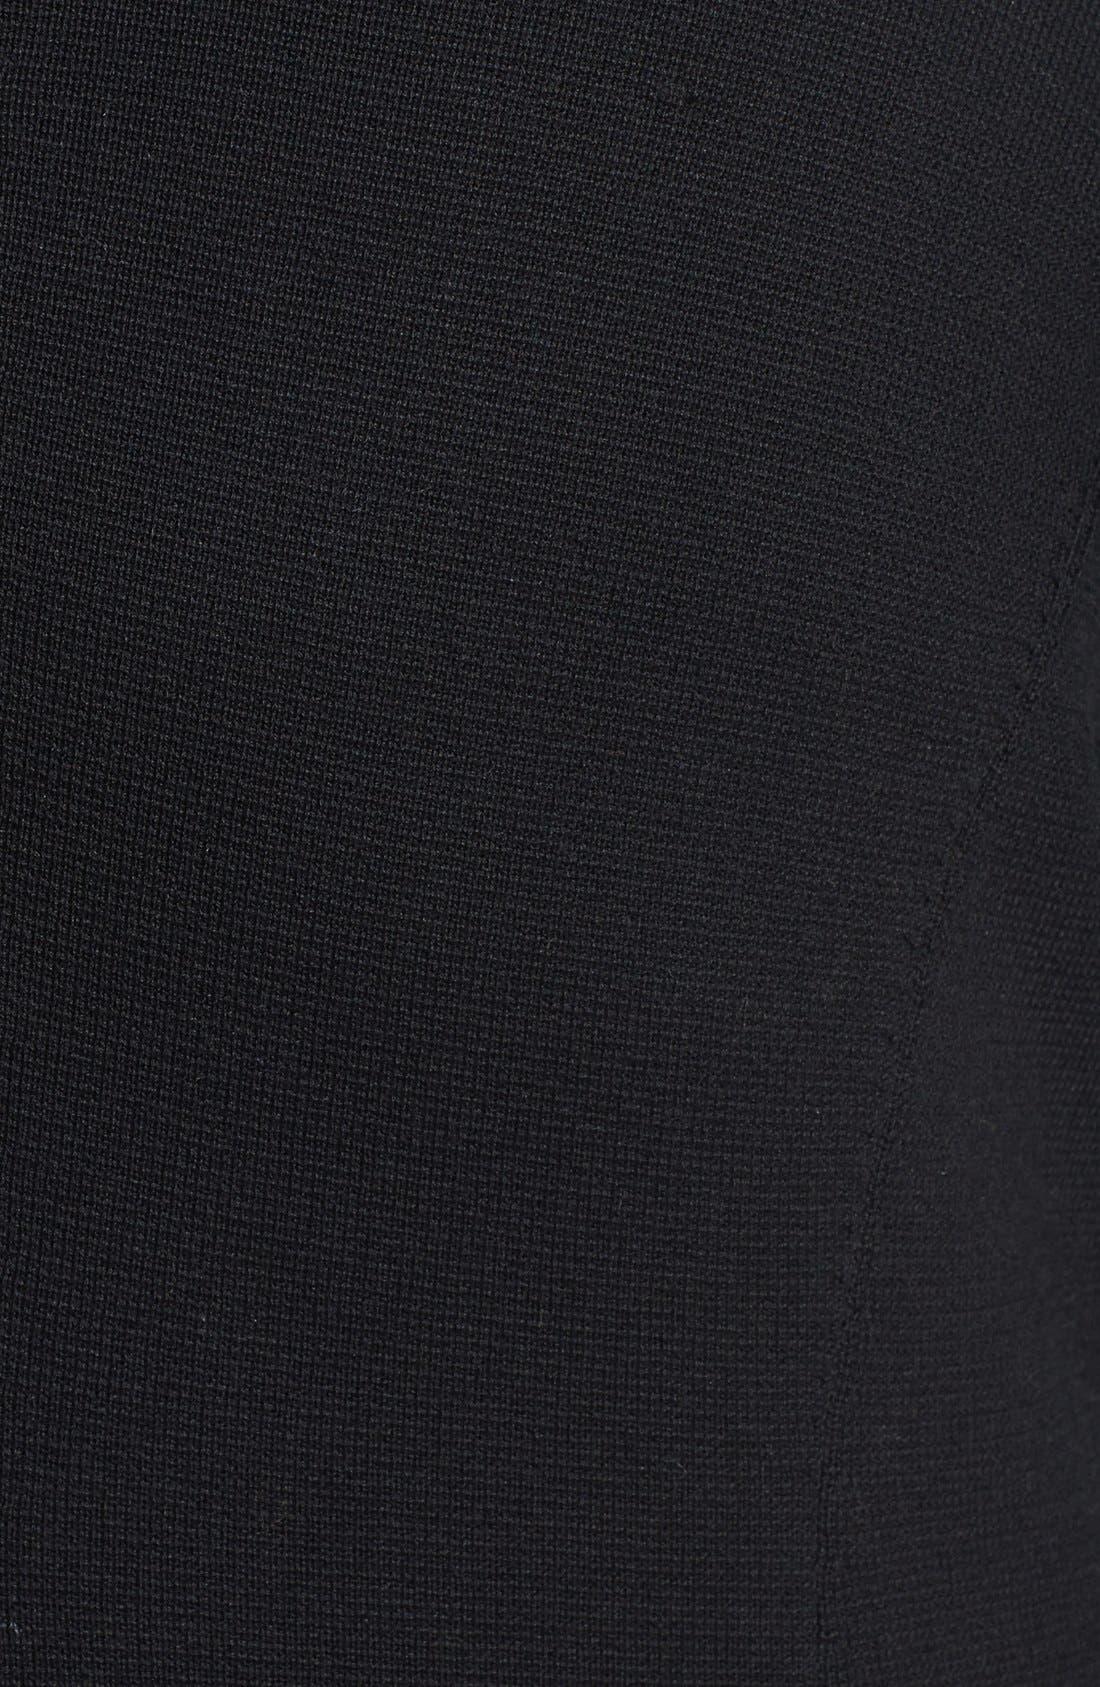 Alternate Image 3  - Eileen Fisher Tunic Length Jacket (Plus Size)